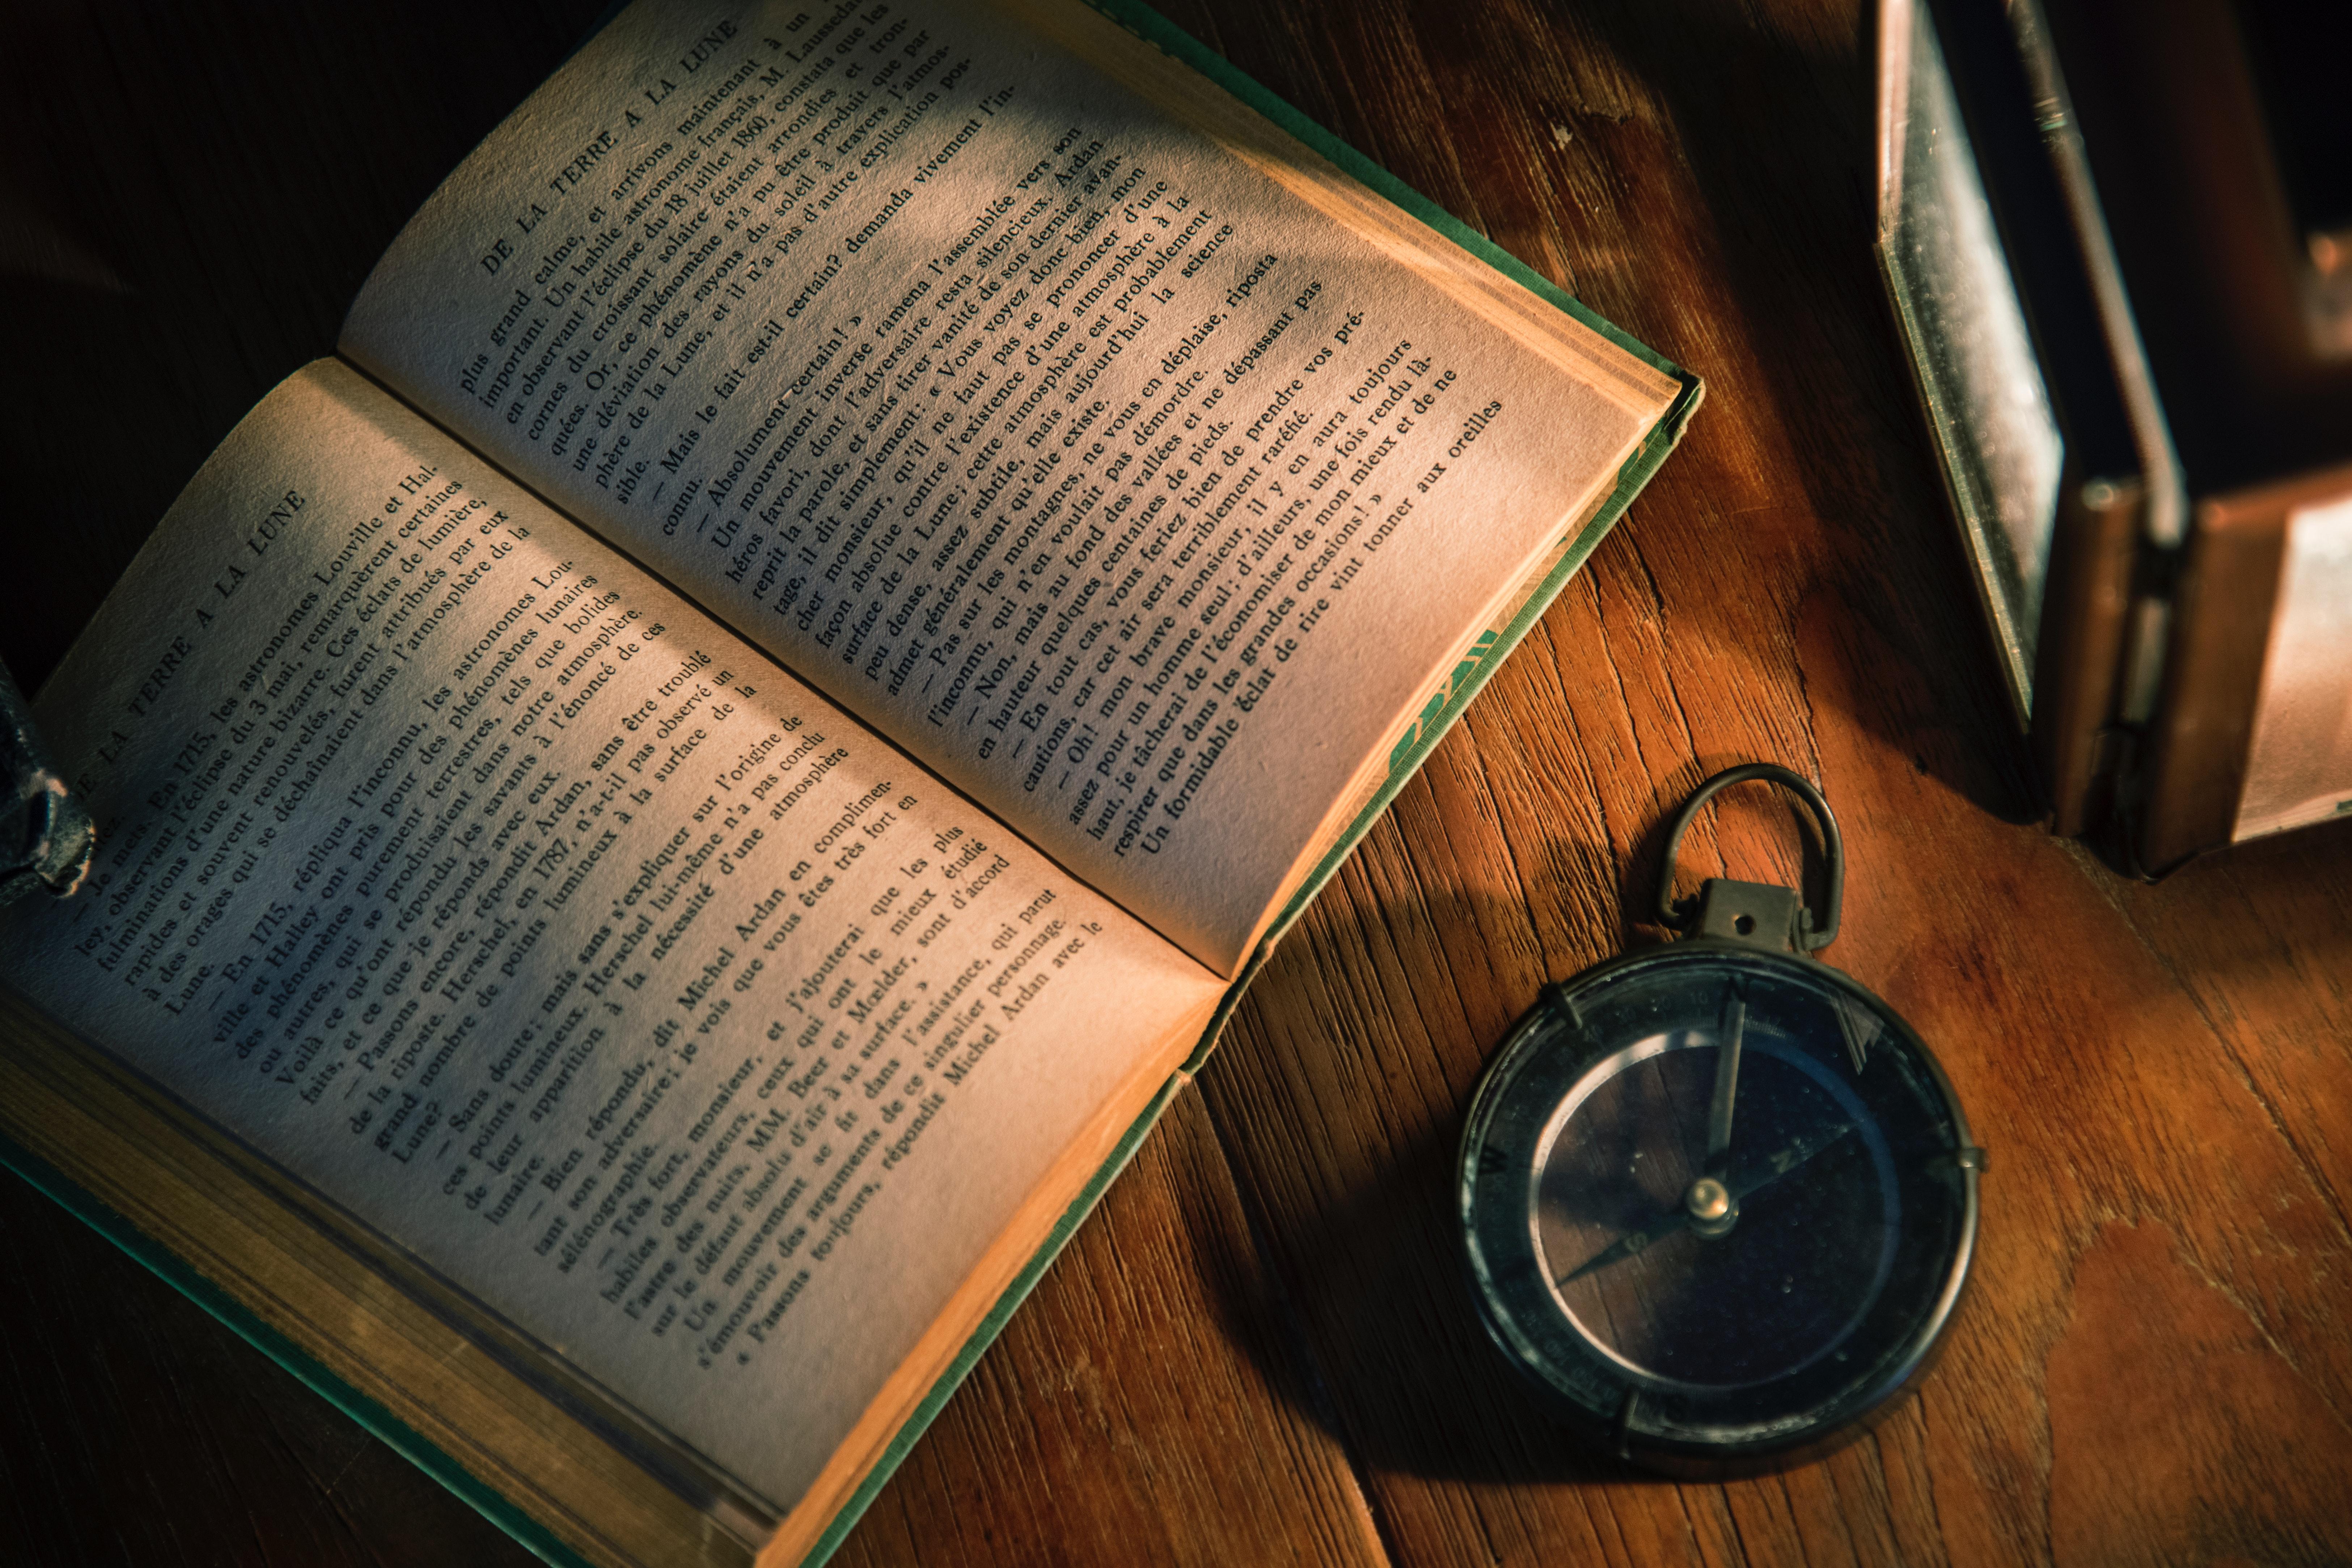 Ler antes de dormir conheça seus benefícios - pitacos e achados 3